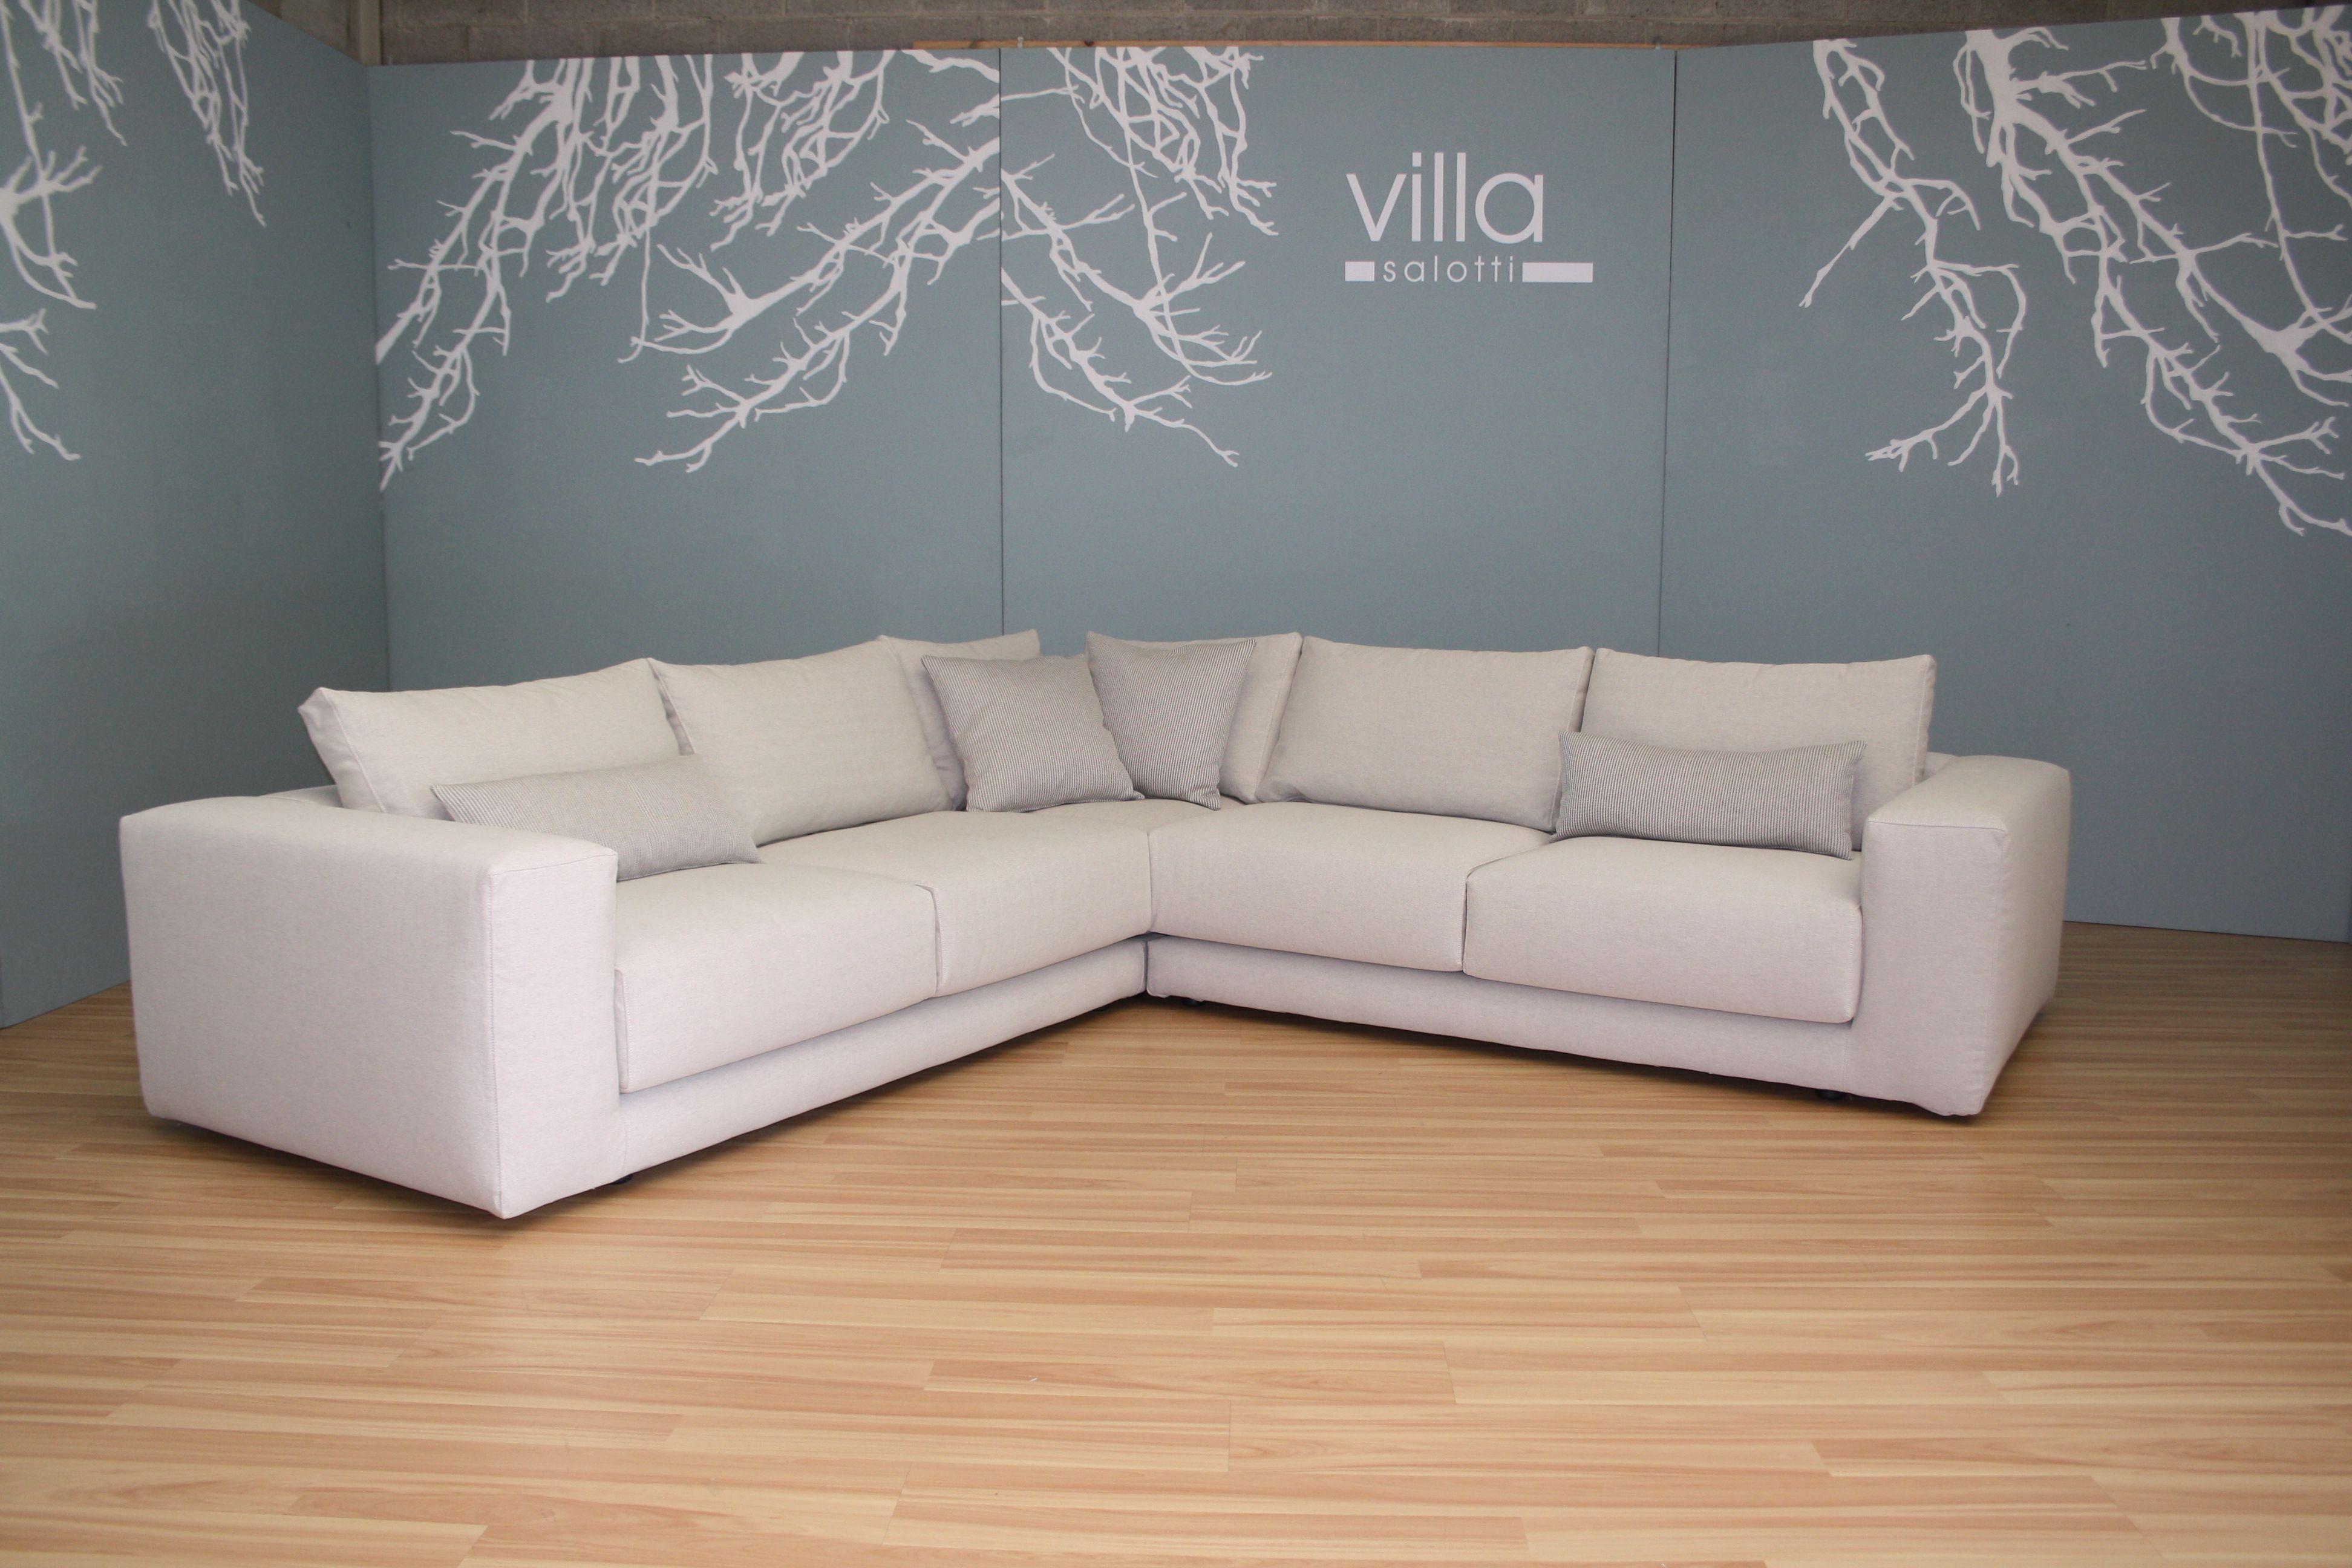 Comodo divano scomponibile per una famiglia numerosa il divano dei tuoi desideri pinterest - Divano comodo per tv ...